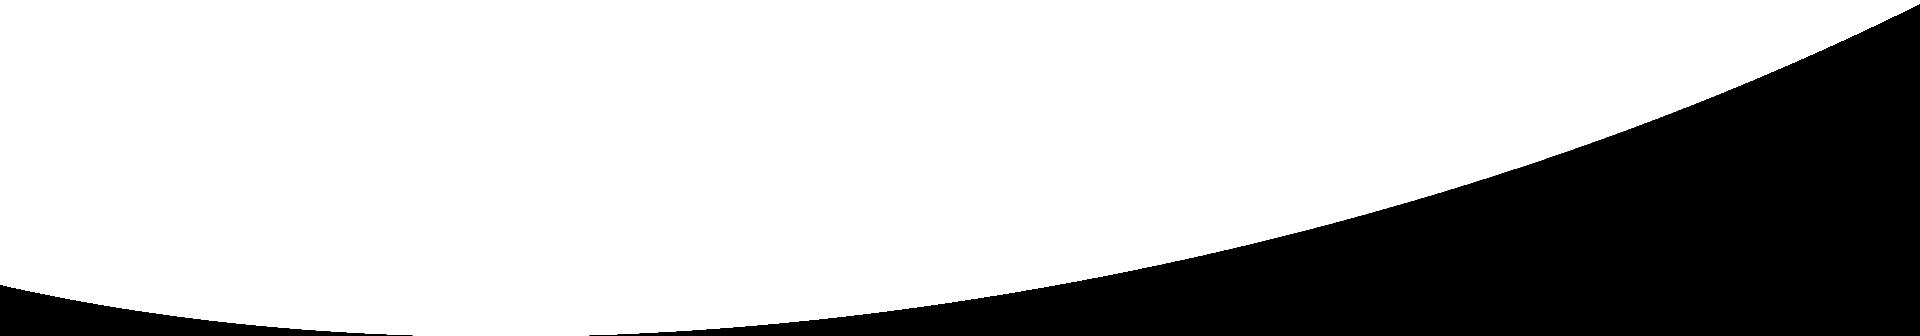 Schmuckelement Kurve oben